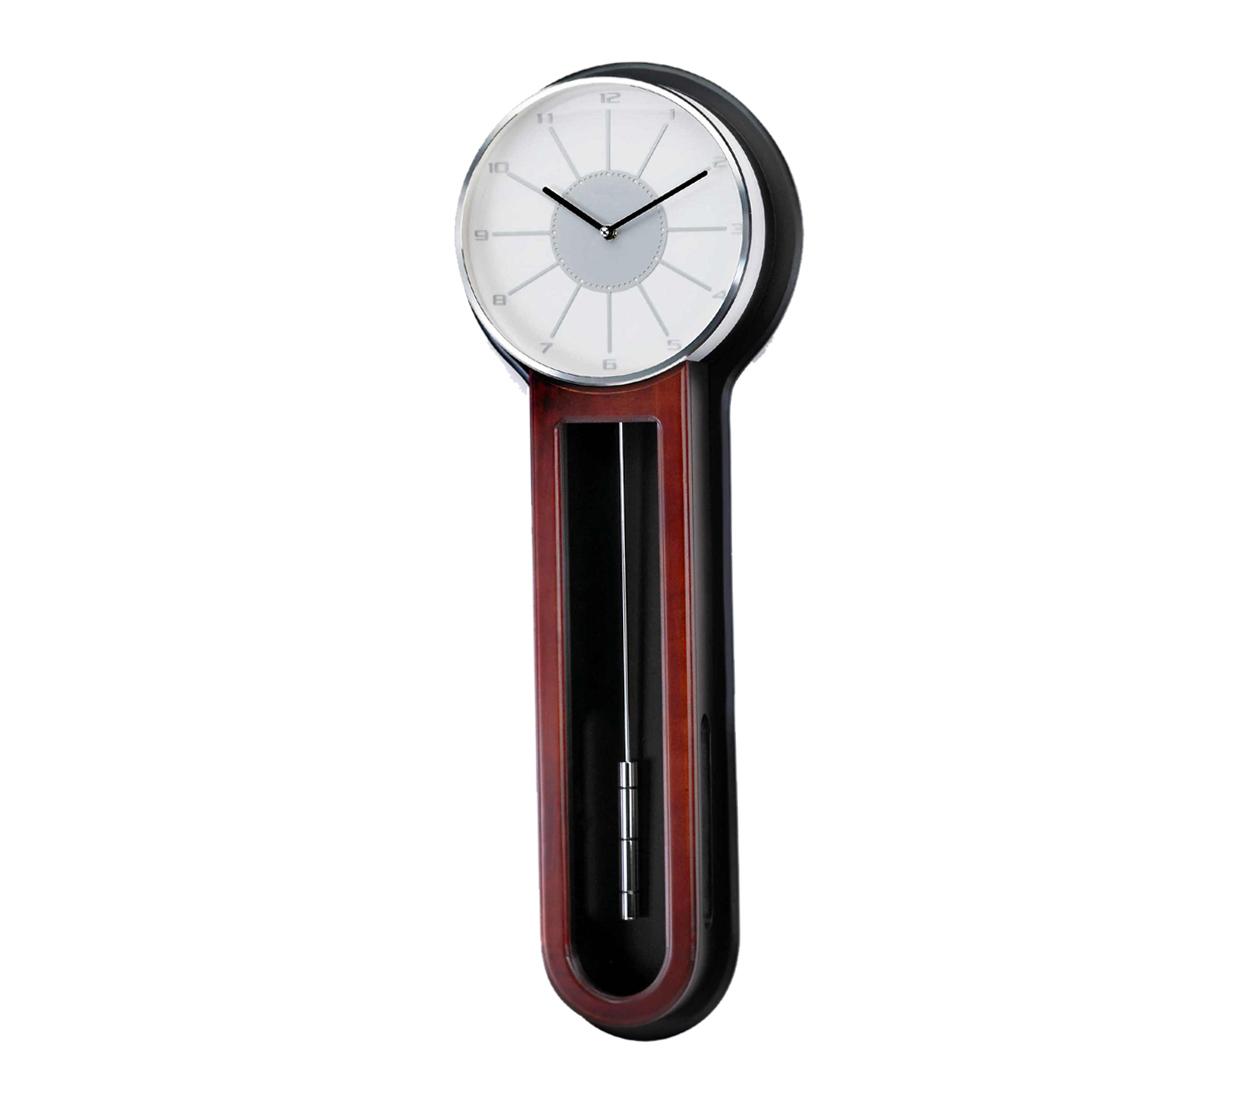 Reloj de pared con pendulo maquinaria seiko madera - Reloj decorativo de pared ...